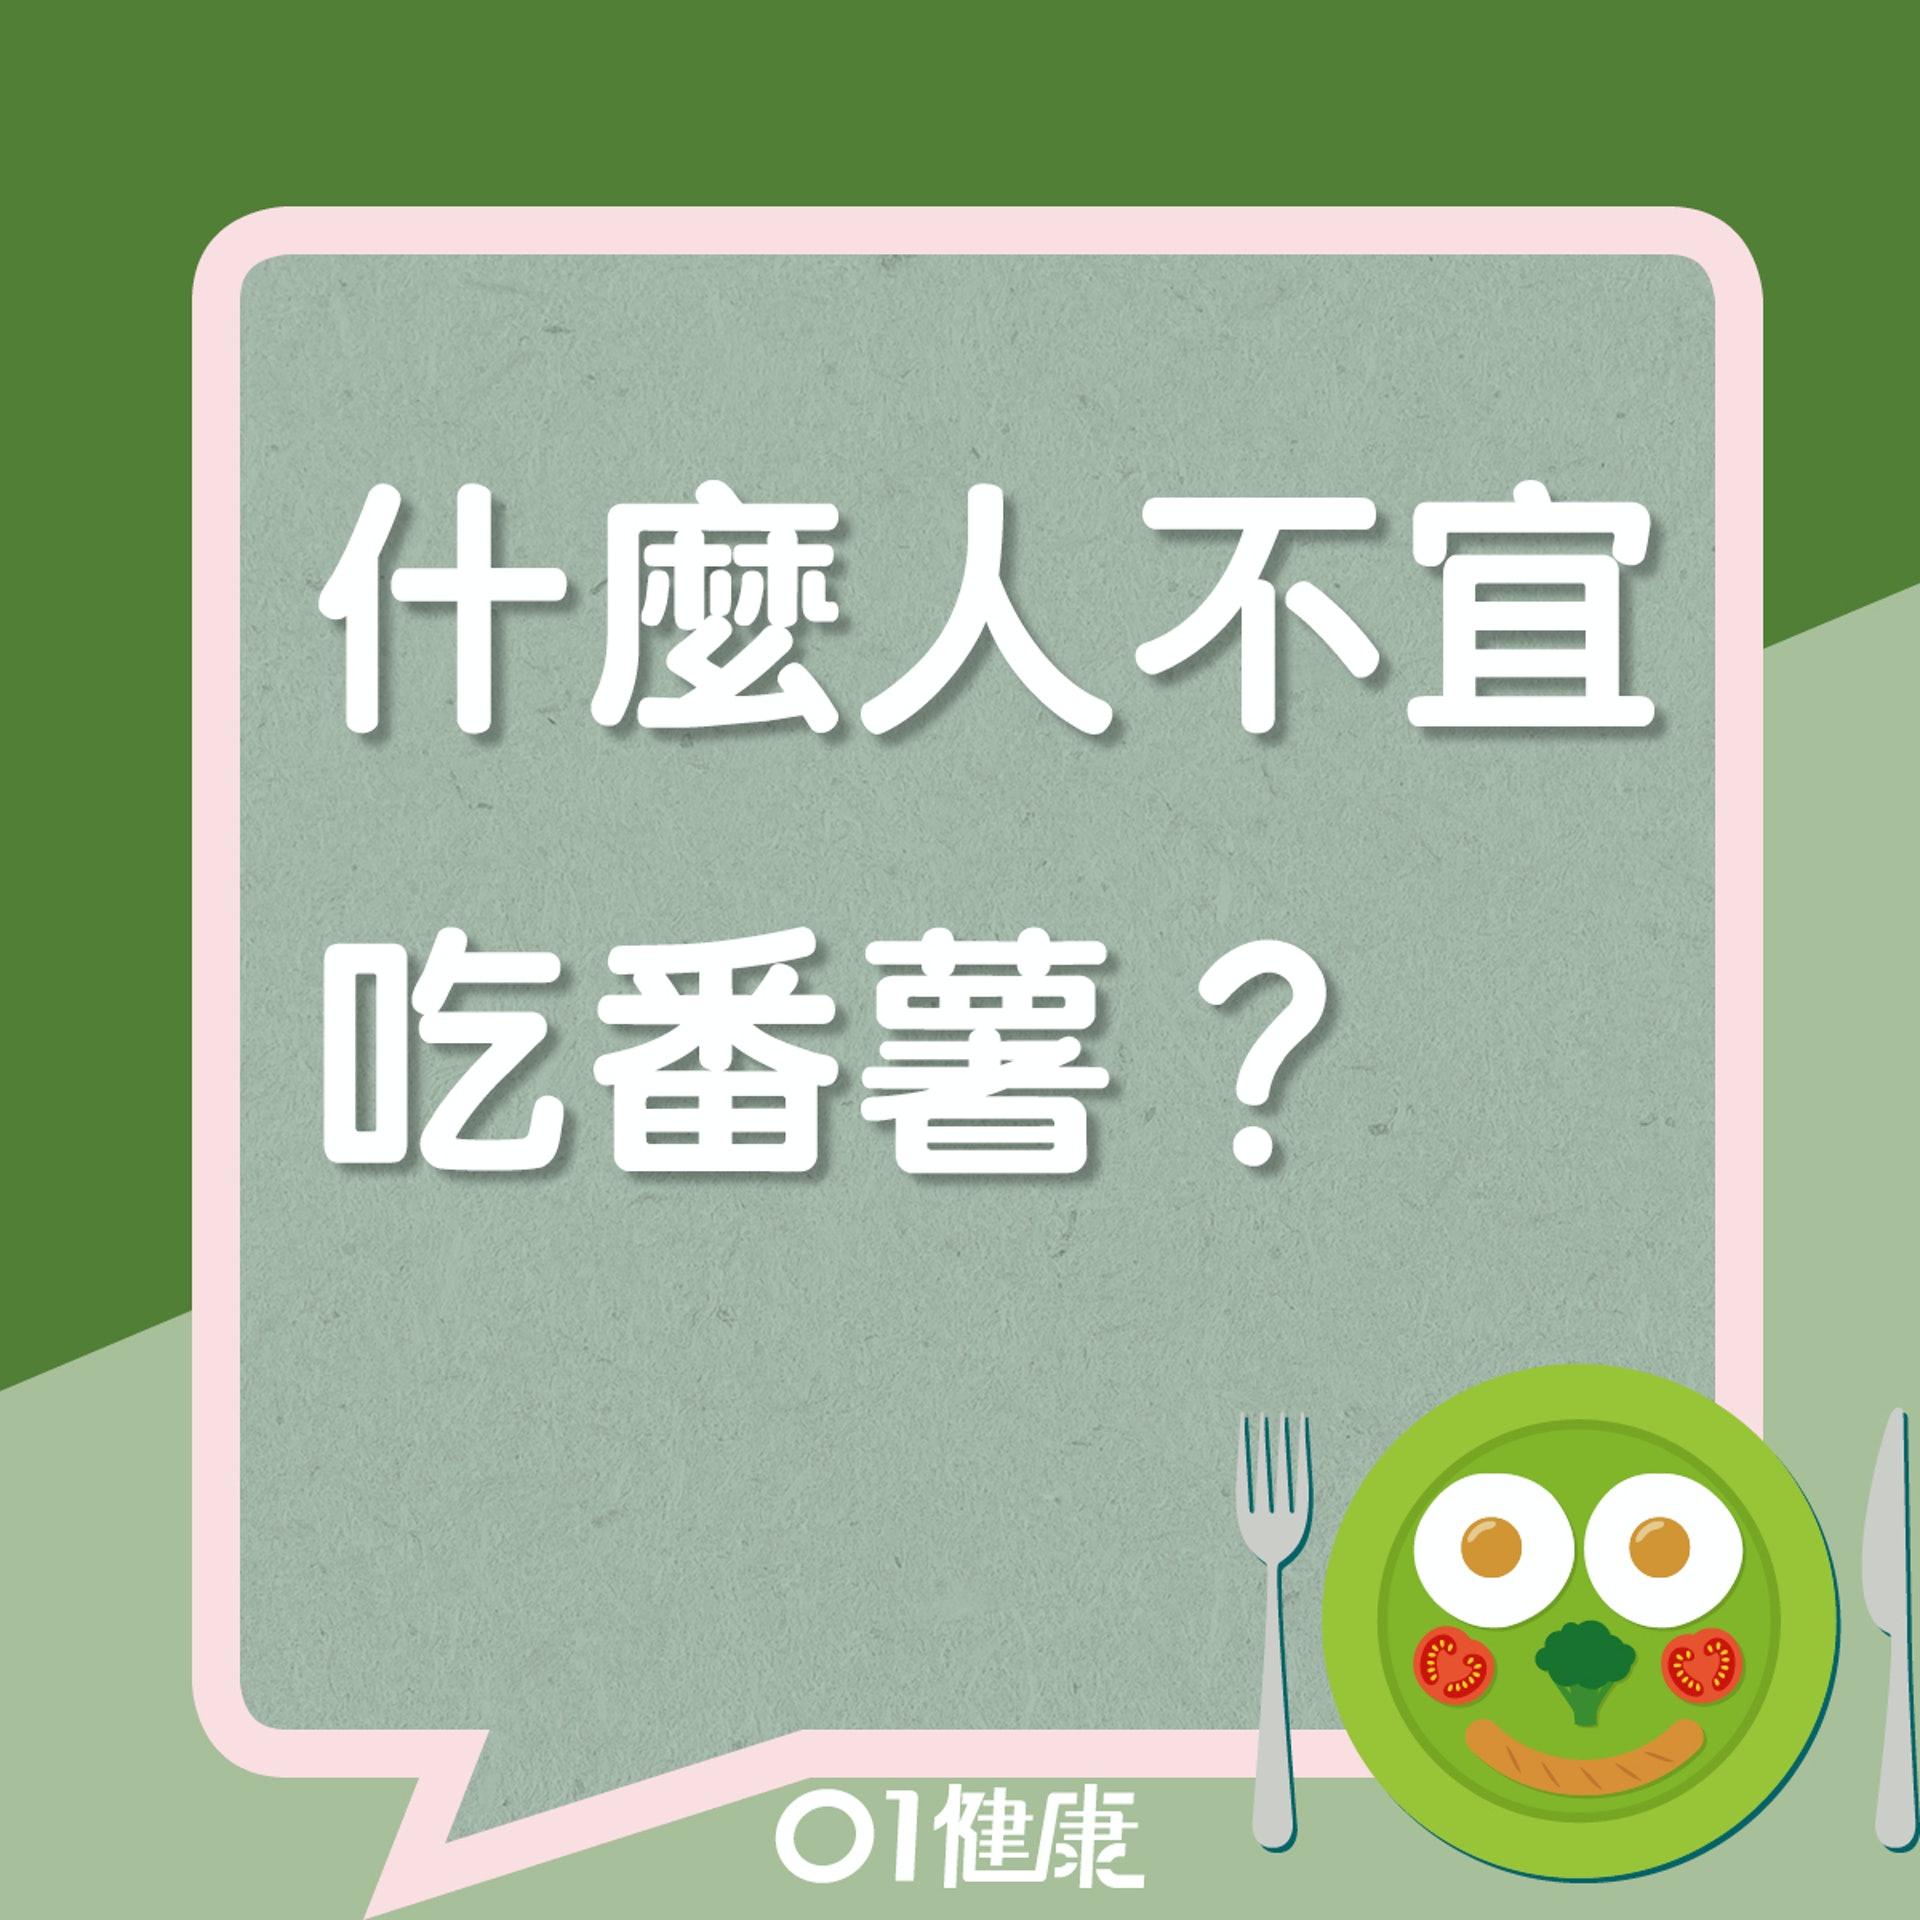 什麼人不宜吃番薯?(01製圖)